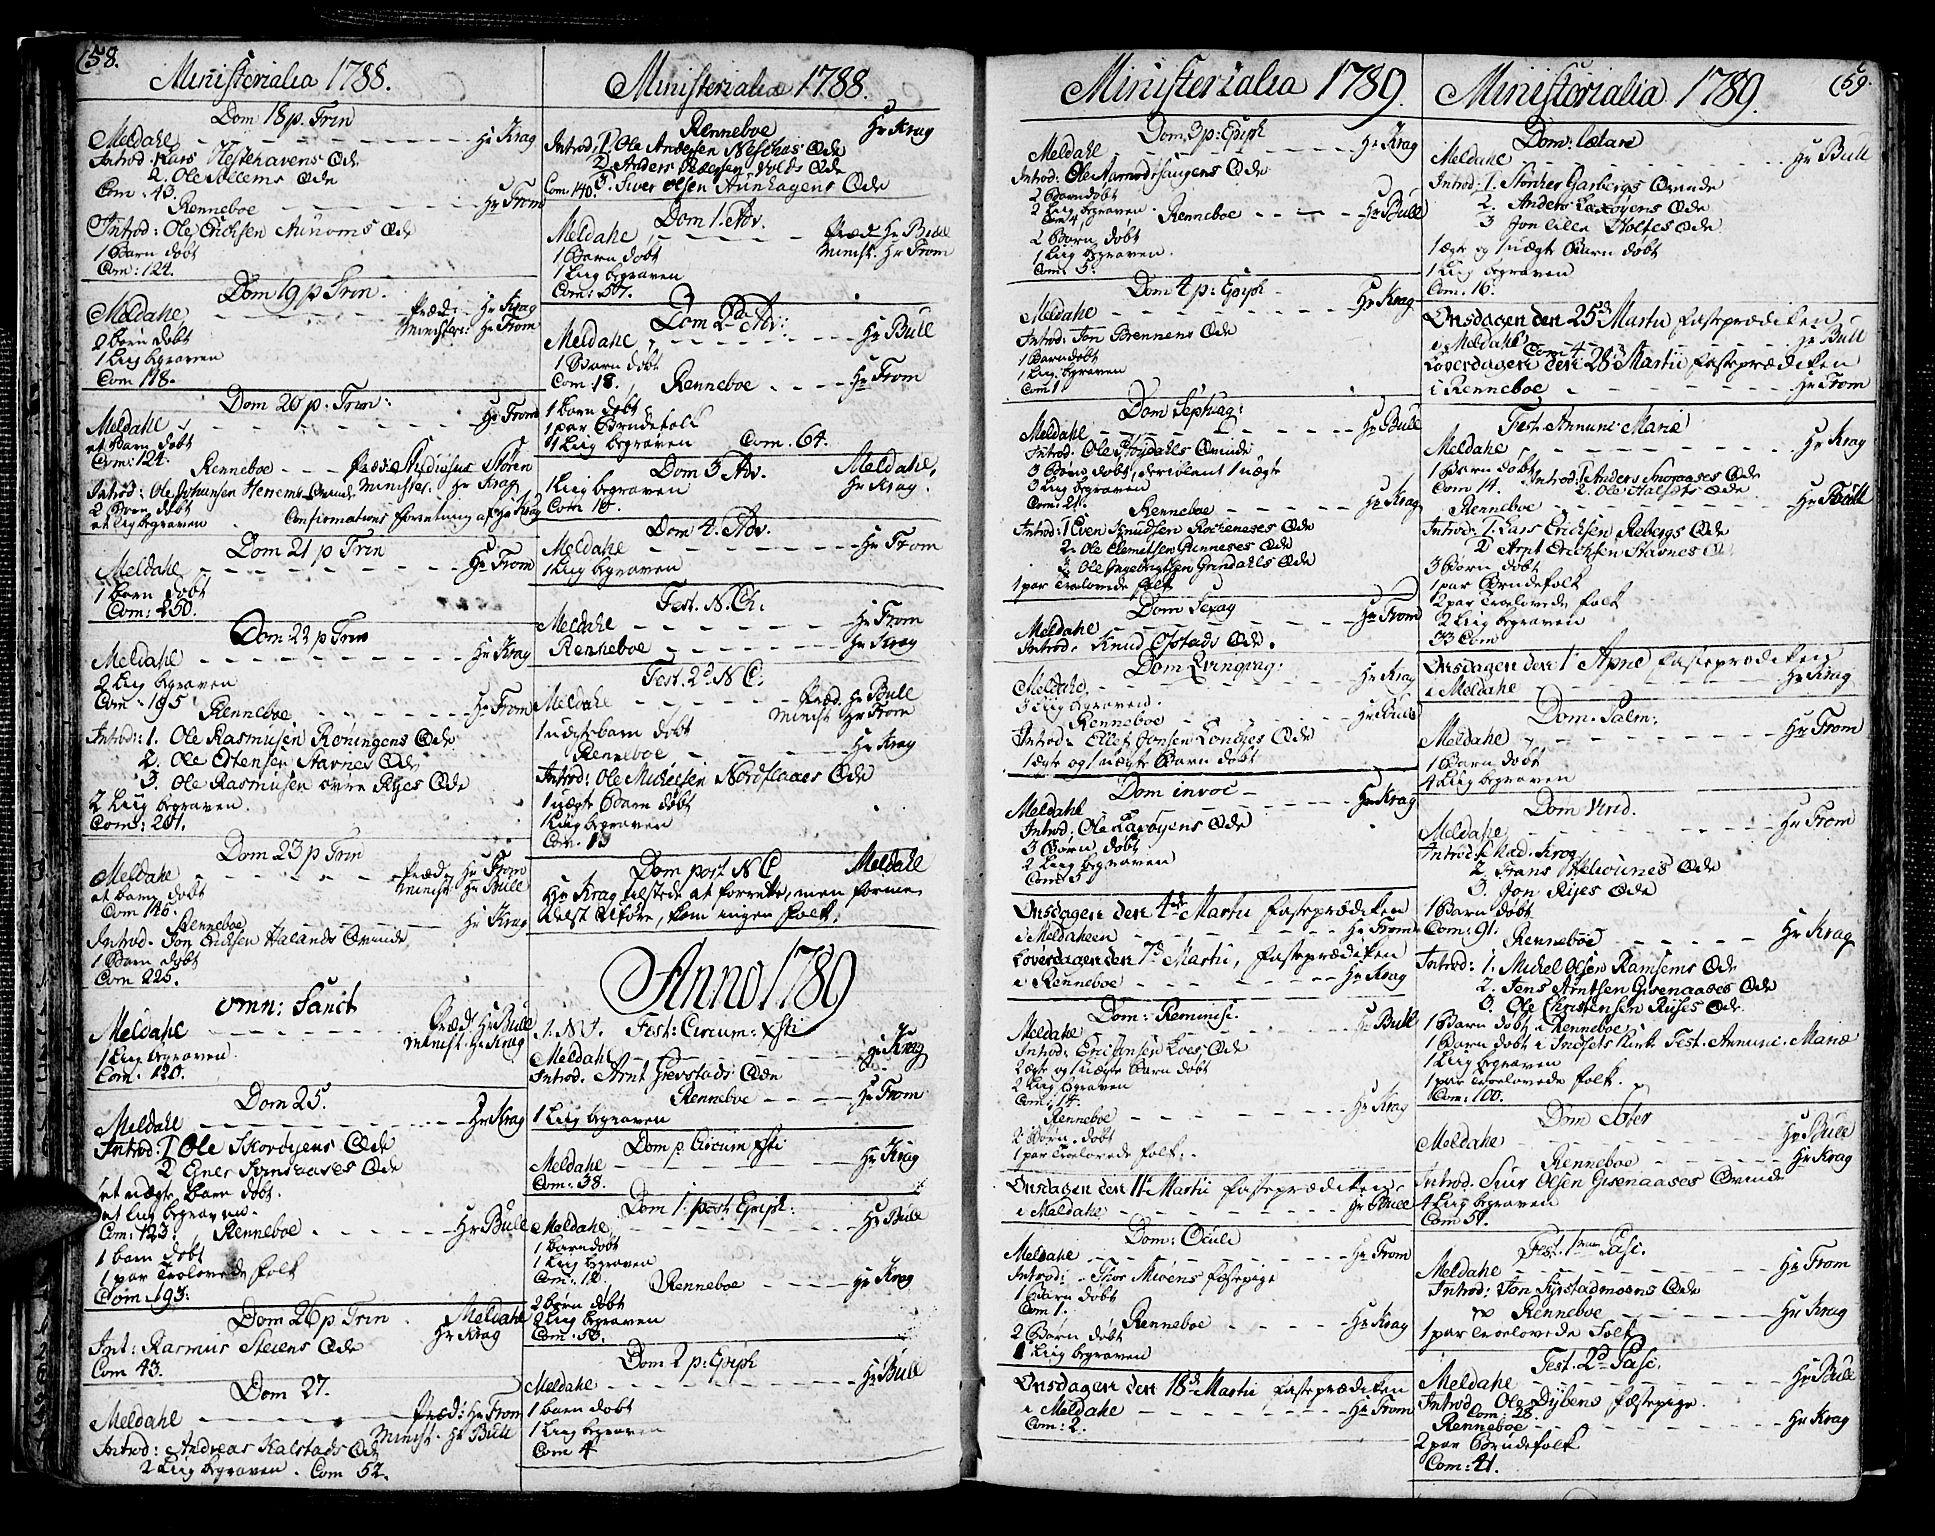 SAT, Ministerialprotokoller, klokkerbøker og fødselsregistre - Sør-Trøndelag, 672/L0852: Ministerialbok nr. 672A05, 1776-1815, s. 58-59